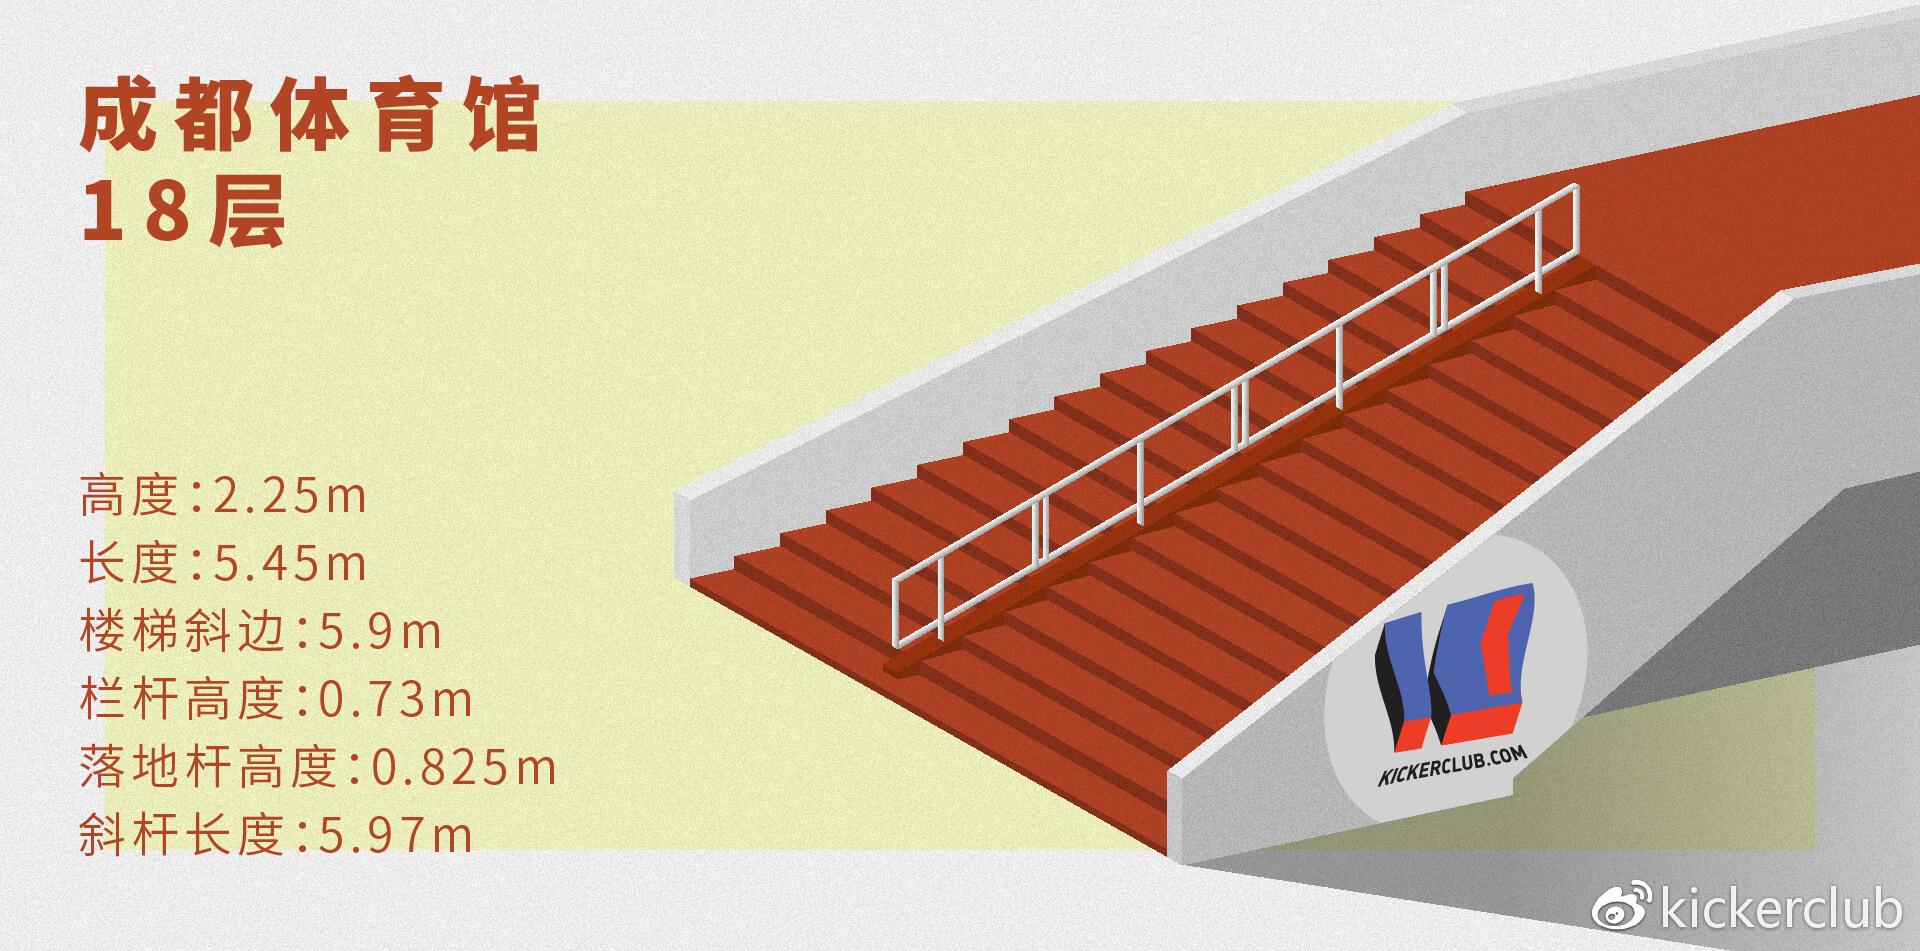 (地形数据:高度:2.25m 长度: 5.45m 栏杆高度:0.73m 落地杆高度:0.825m 斜杆长